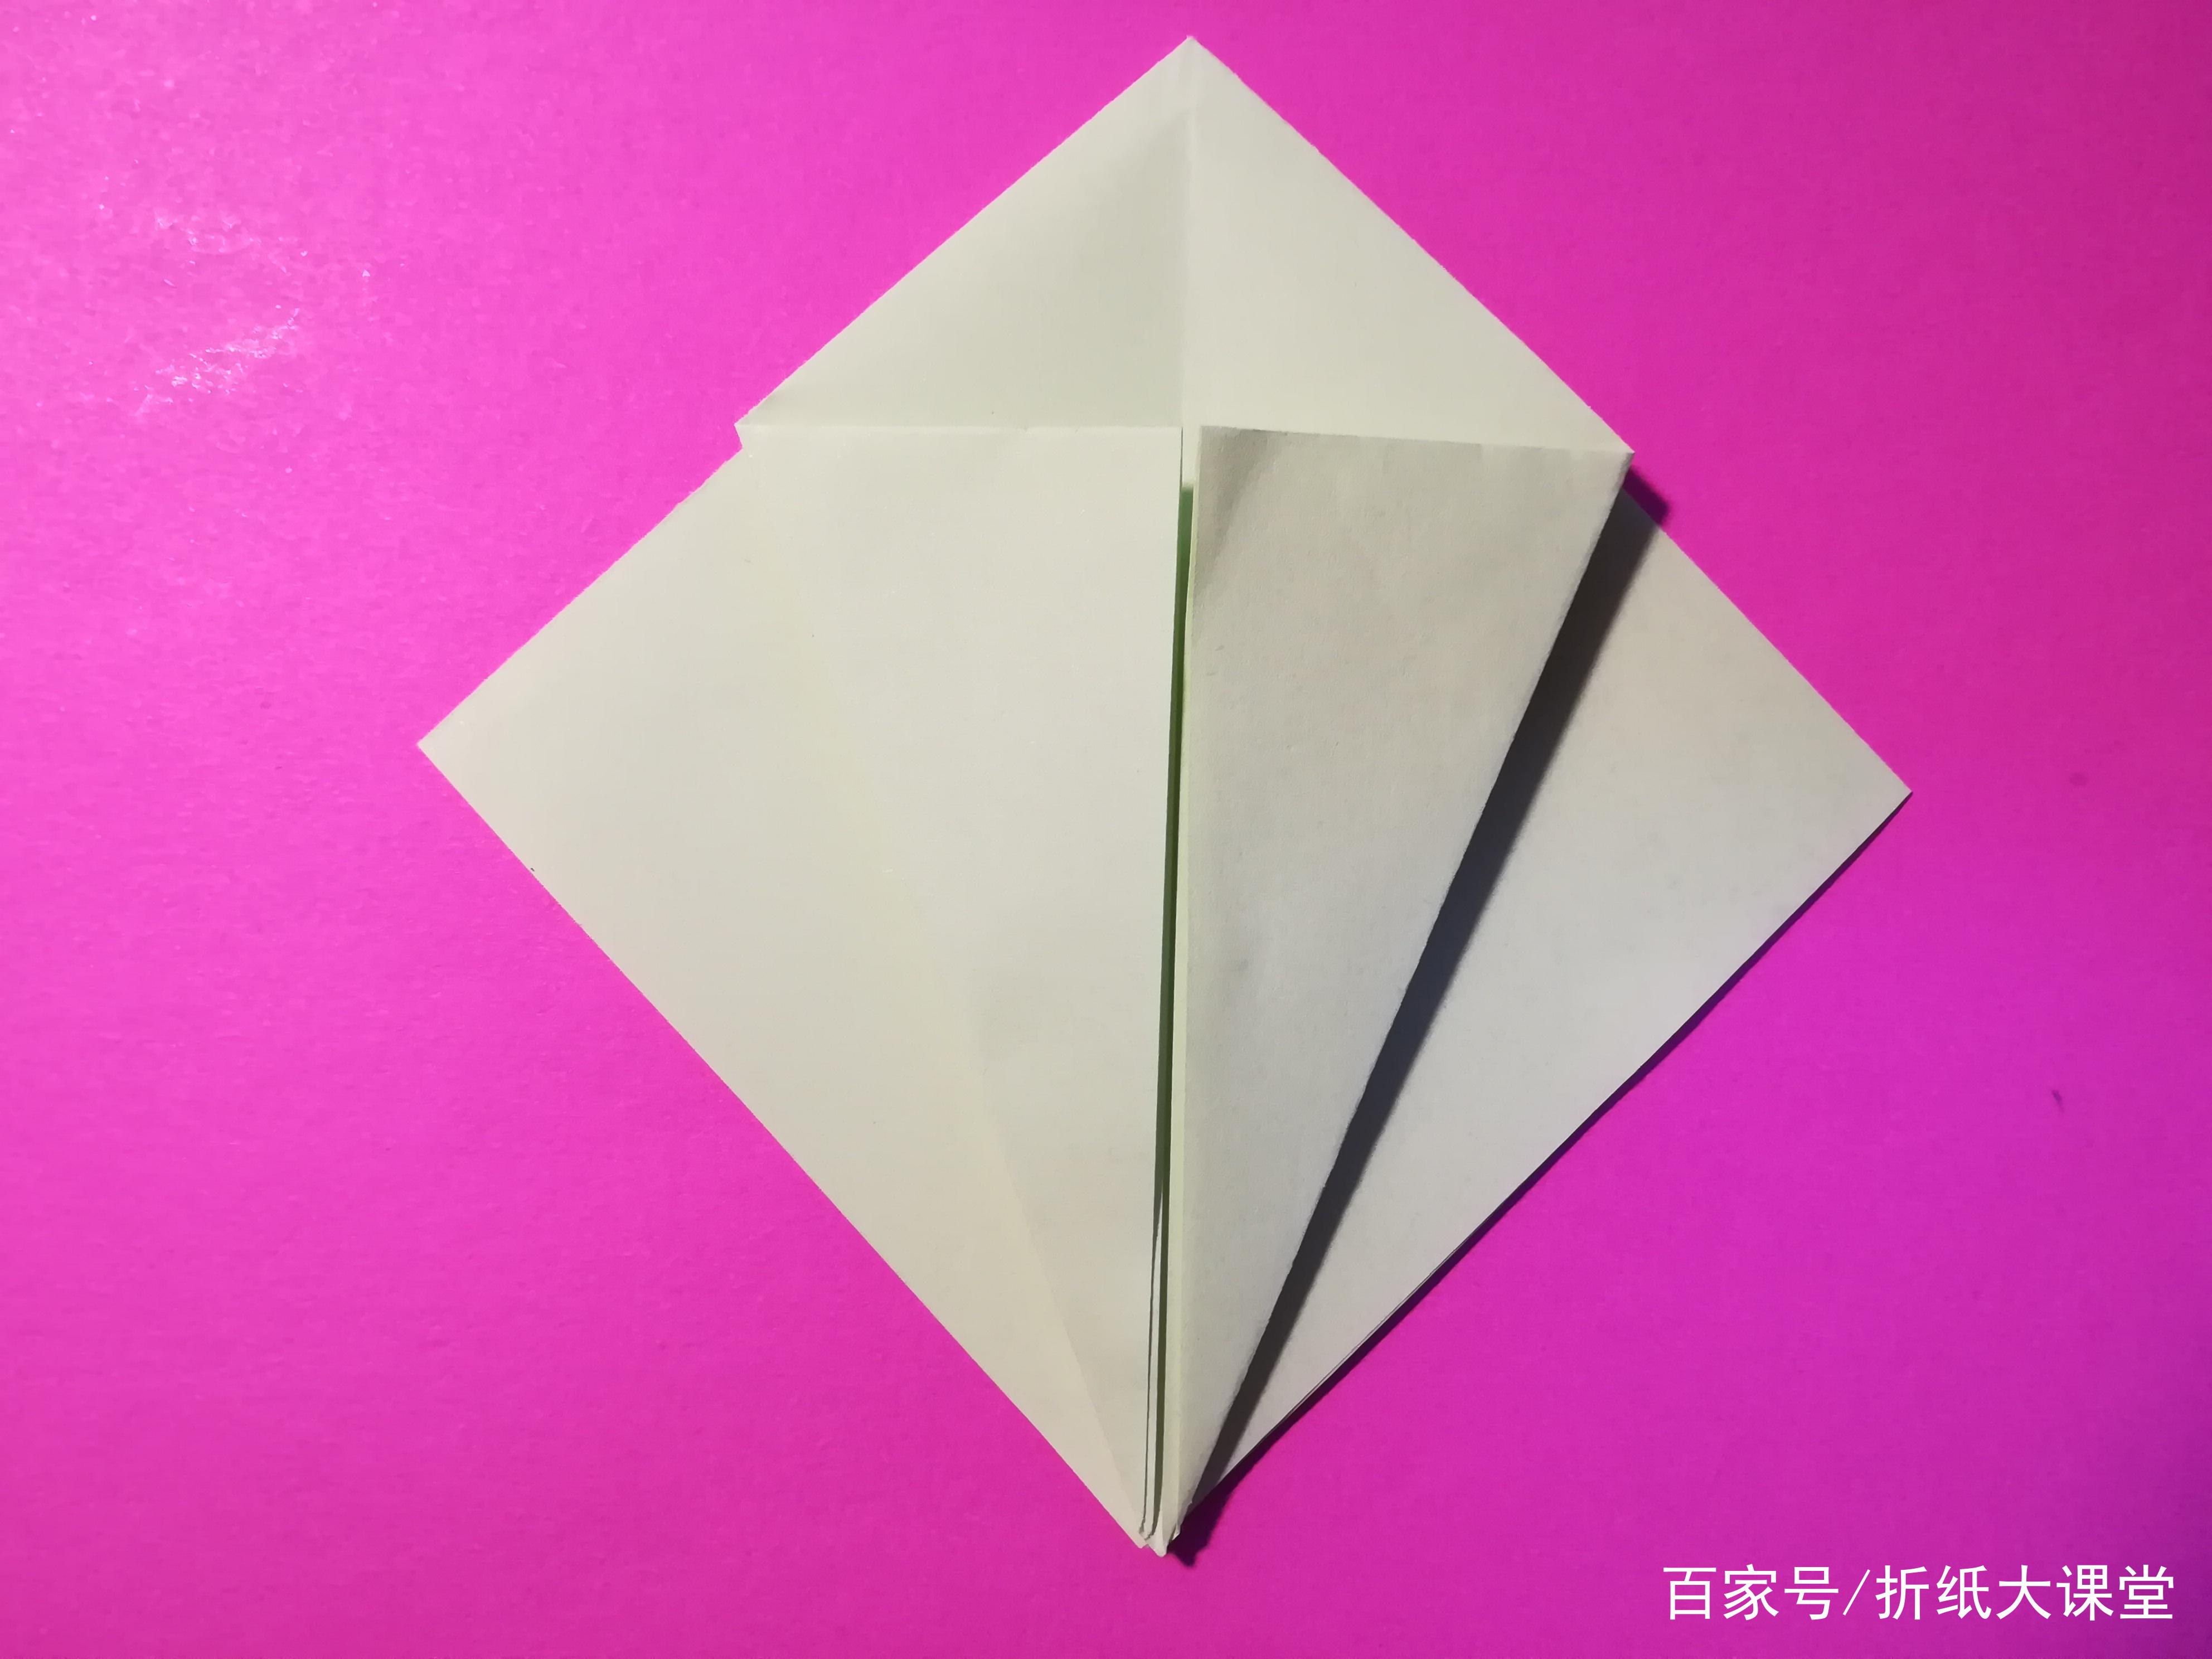 折叠对称手工制作方法